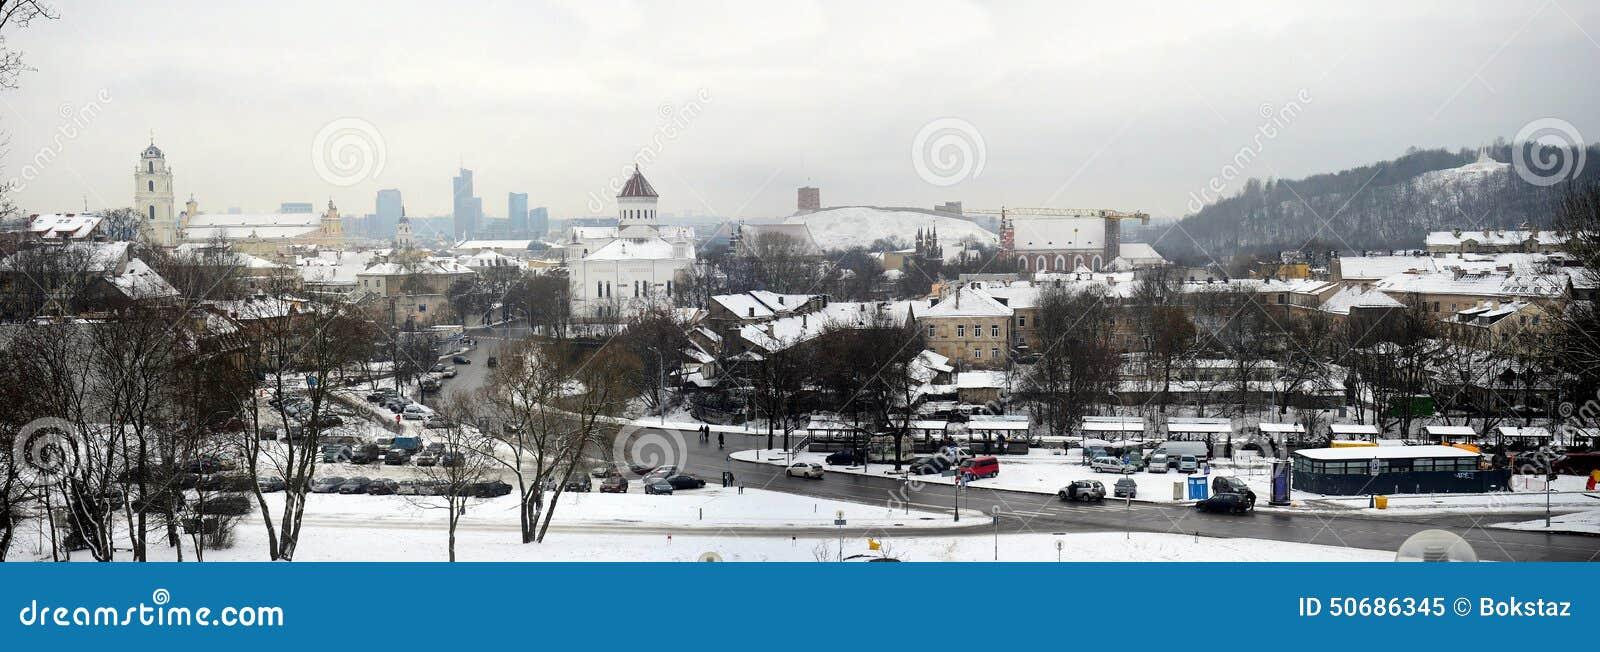 Download 维尔纽斯市白色冬天早晨时间全景 库存图片. 图片 包括有 立陶宛语, 早晨, 降雪, 资本, 结算, 外部 - 50686345